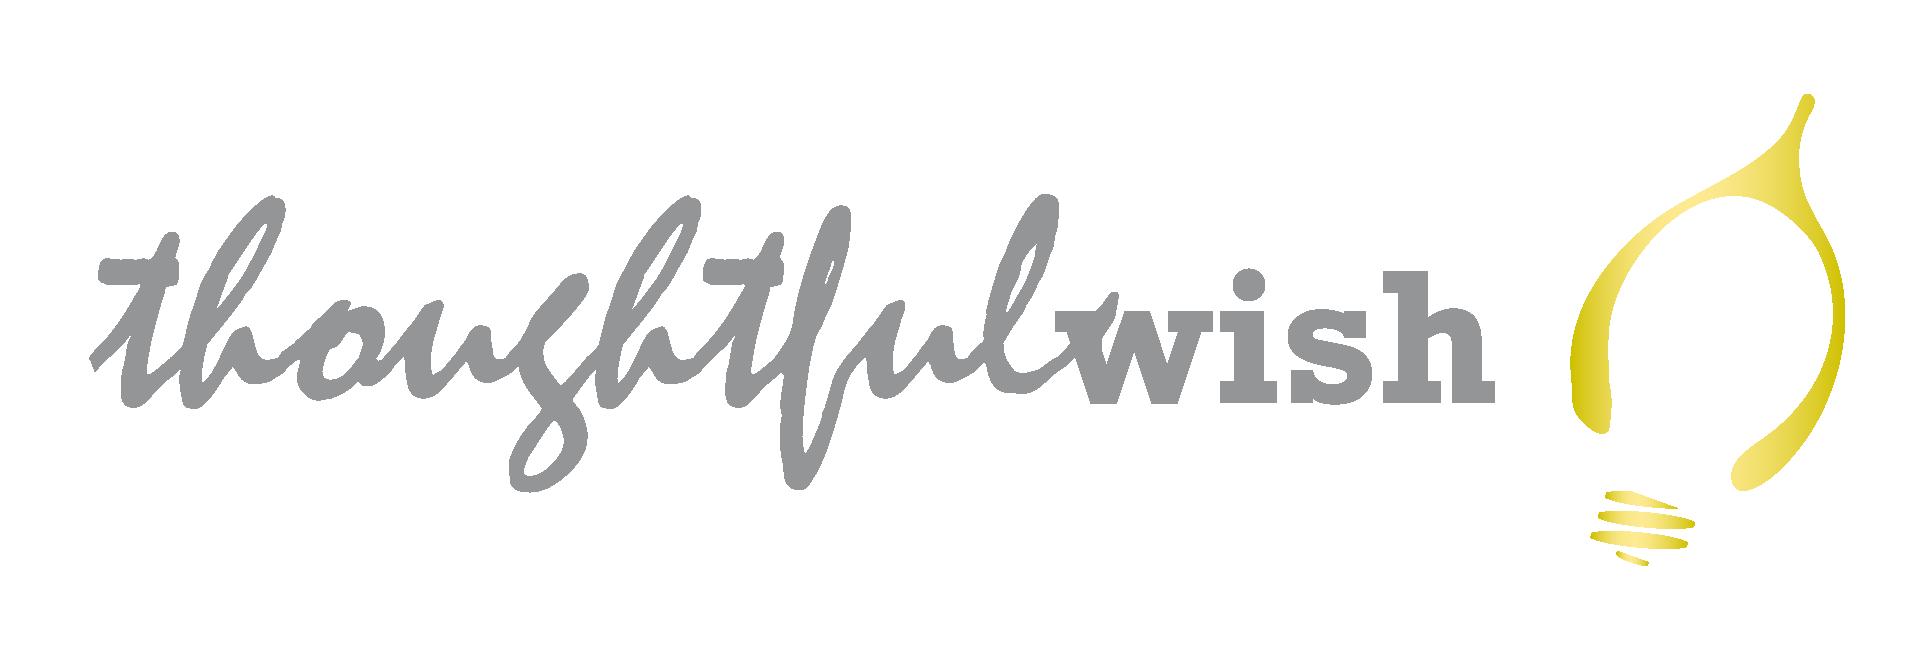 thoughtfulwish_logo_v2-02.png